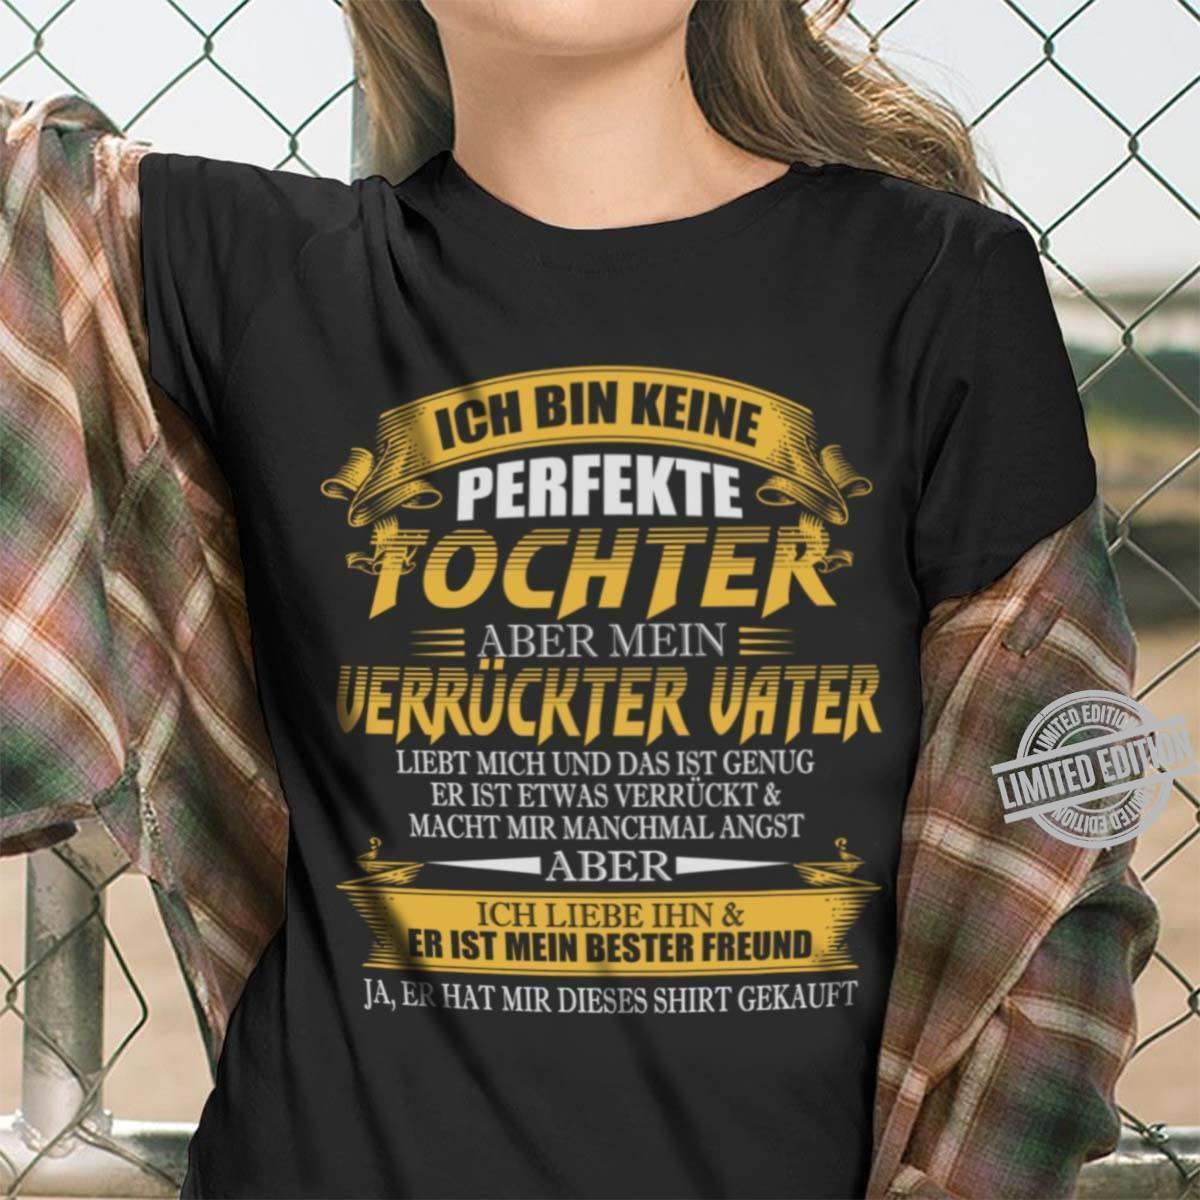 Ich Bin Keine Perfekte Tochter Aber Ich Liebe Ihn & Er Ist Mein Bester Freund Shirt